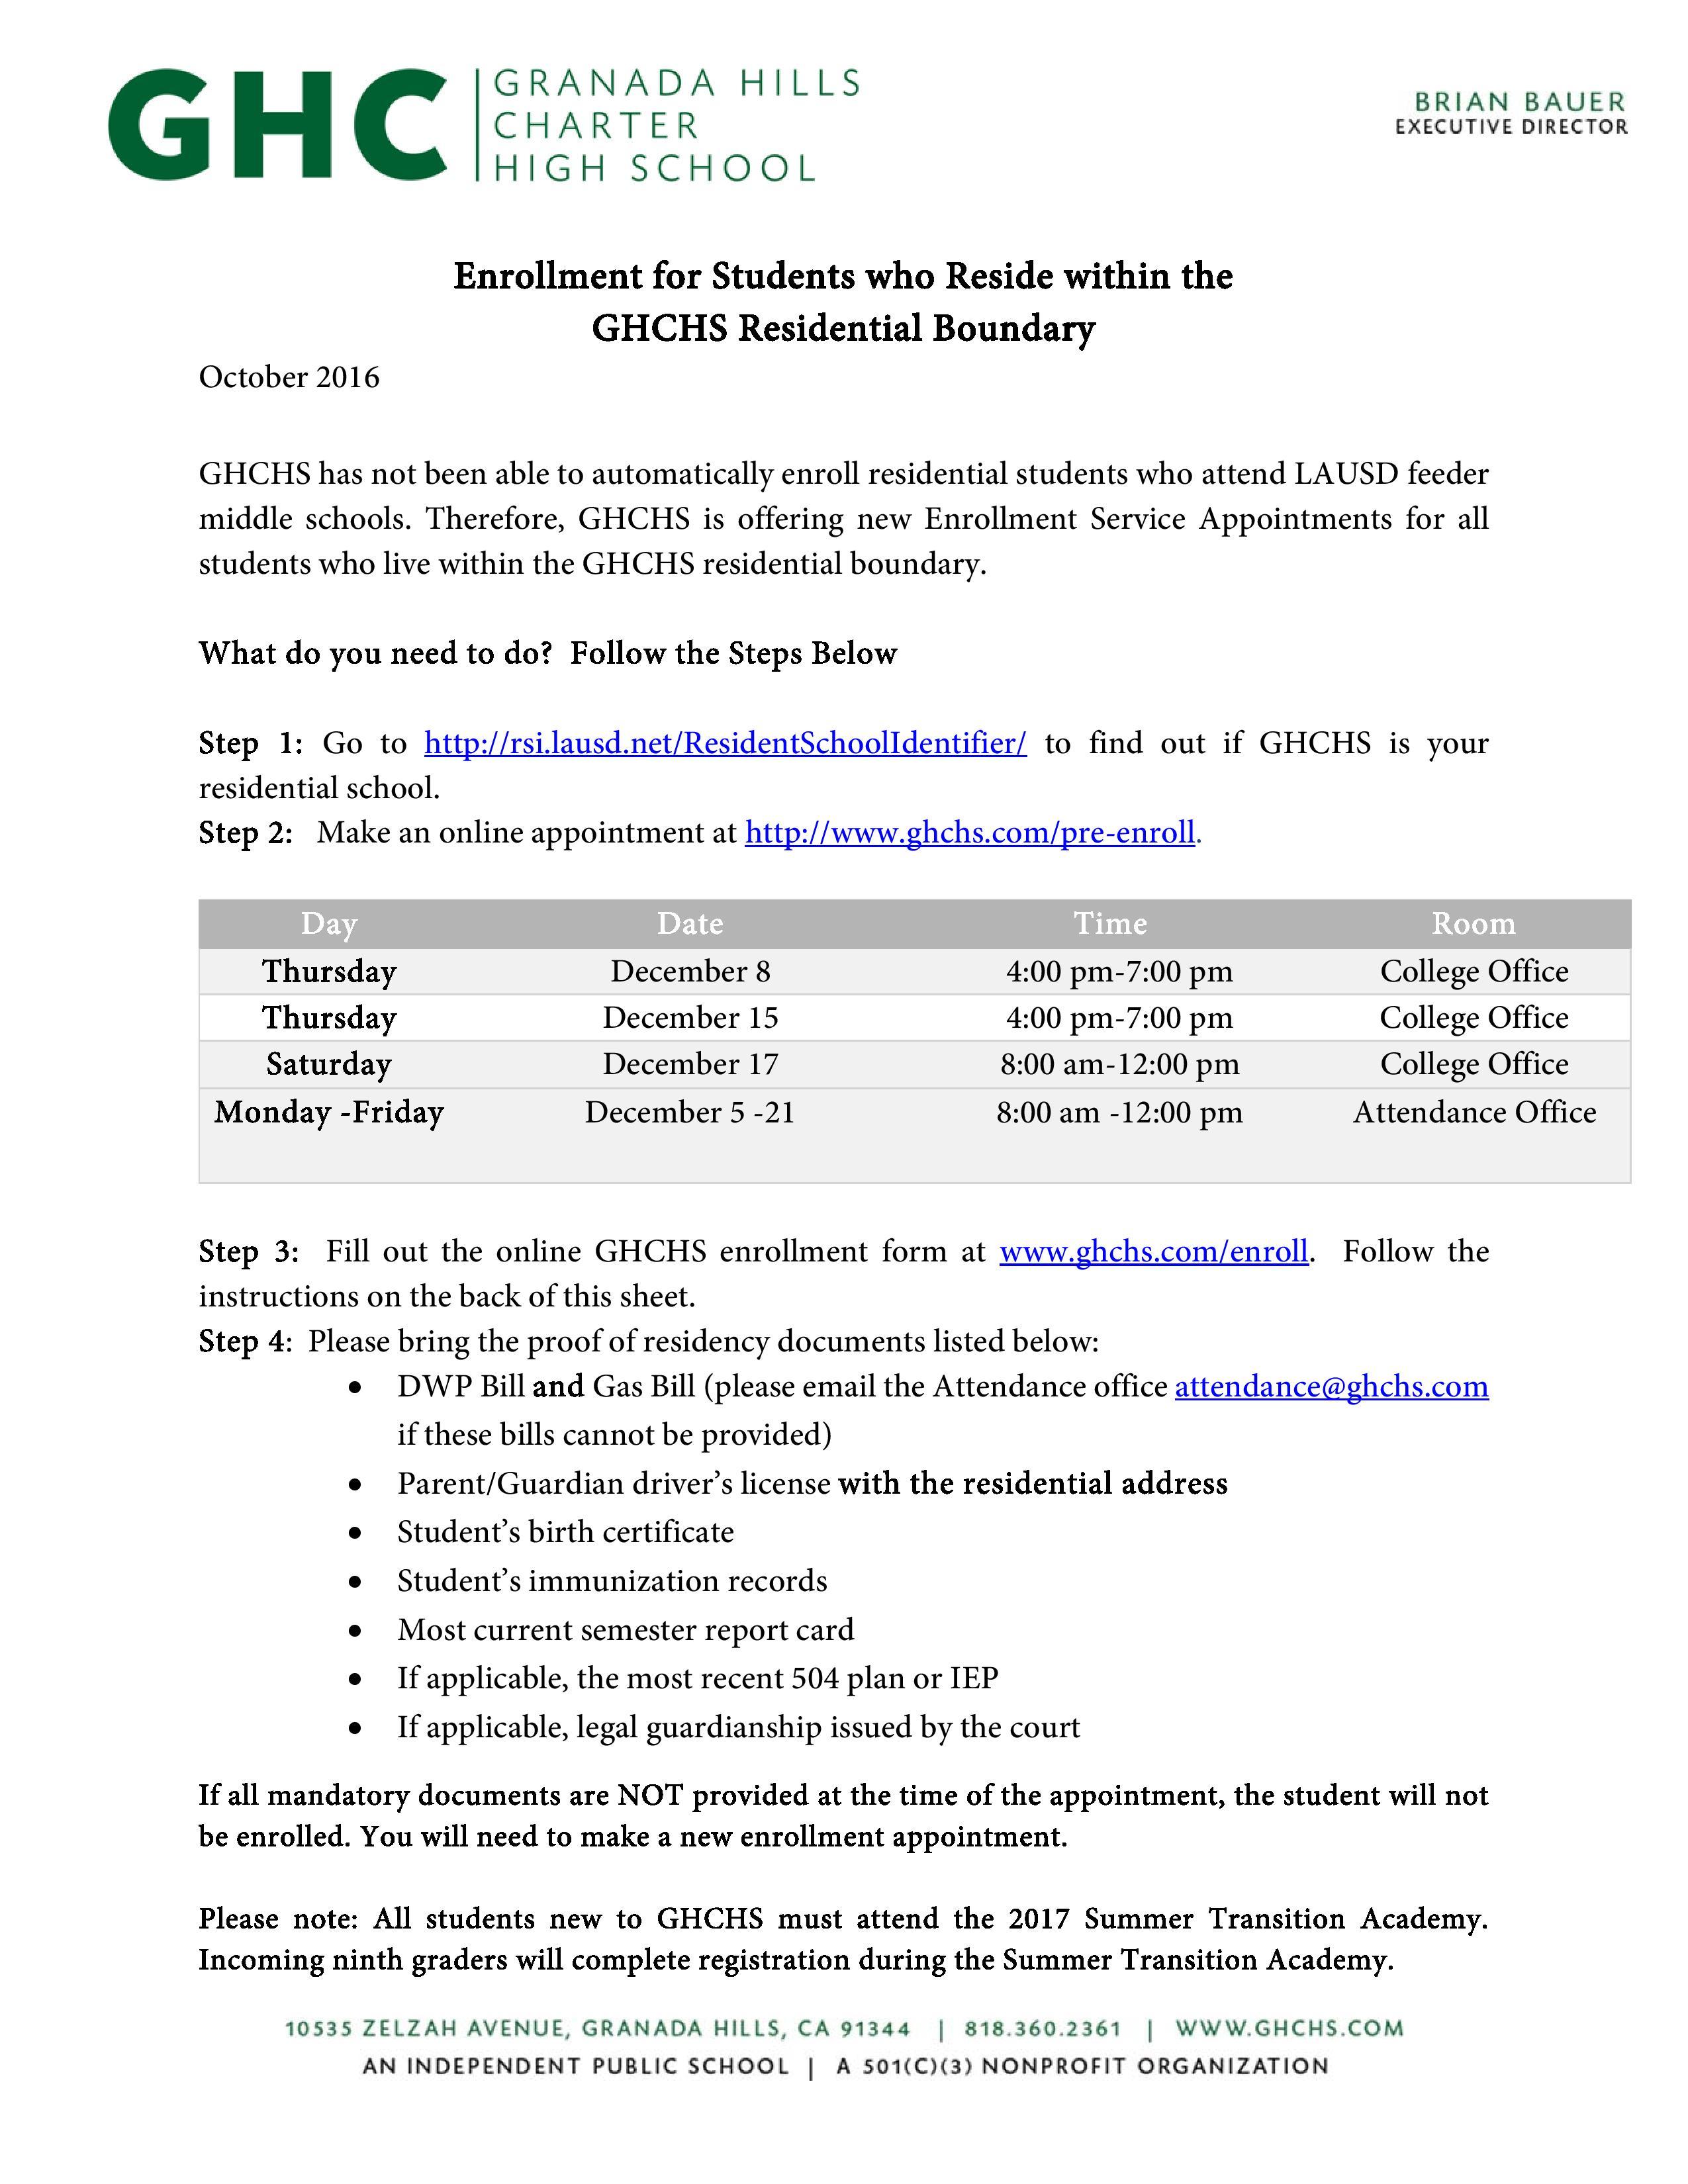 GHCHS_Pre-Enrollment_2016.jpg